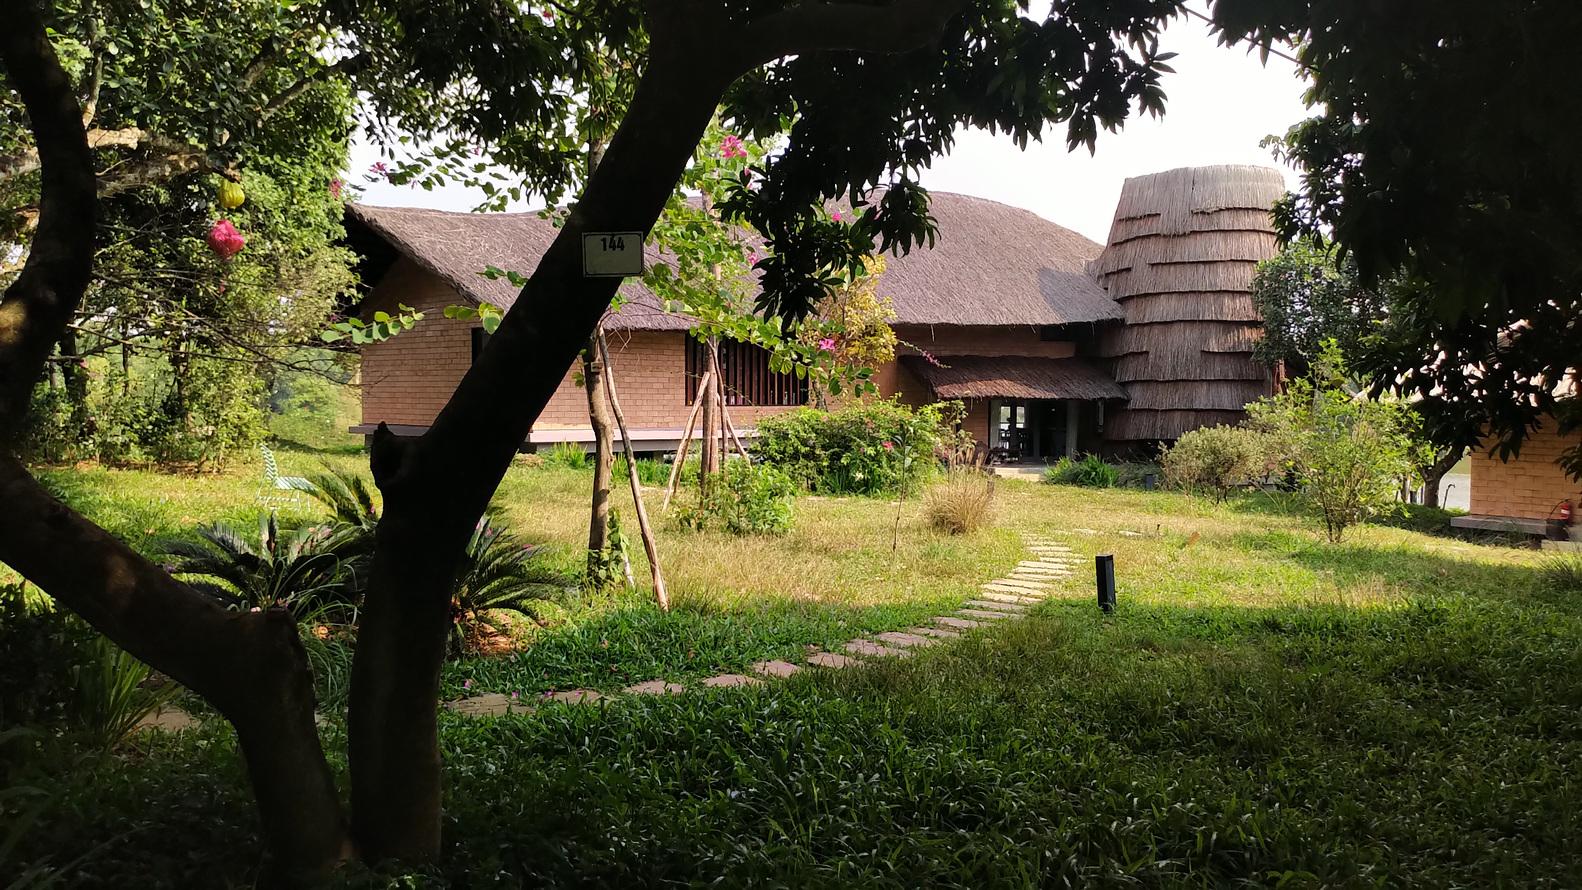 Hinh ảnh khuôn viên sân vườn nhà ông Hùng tràn ngập cây xanh